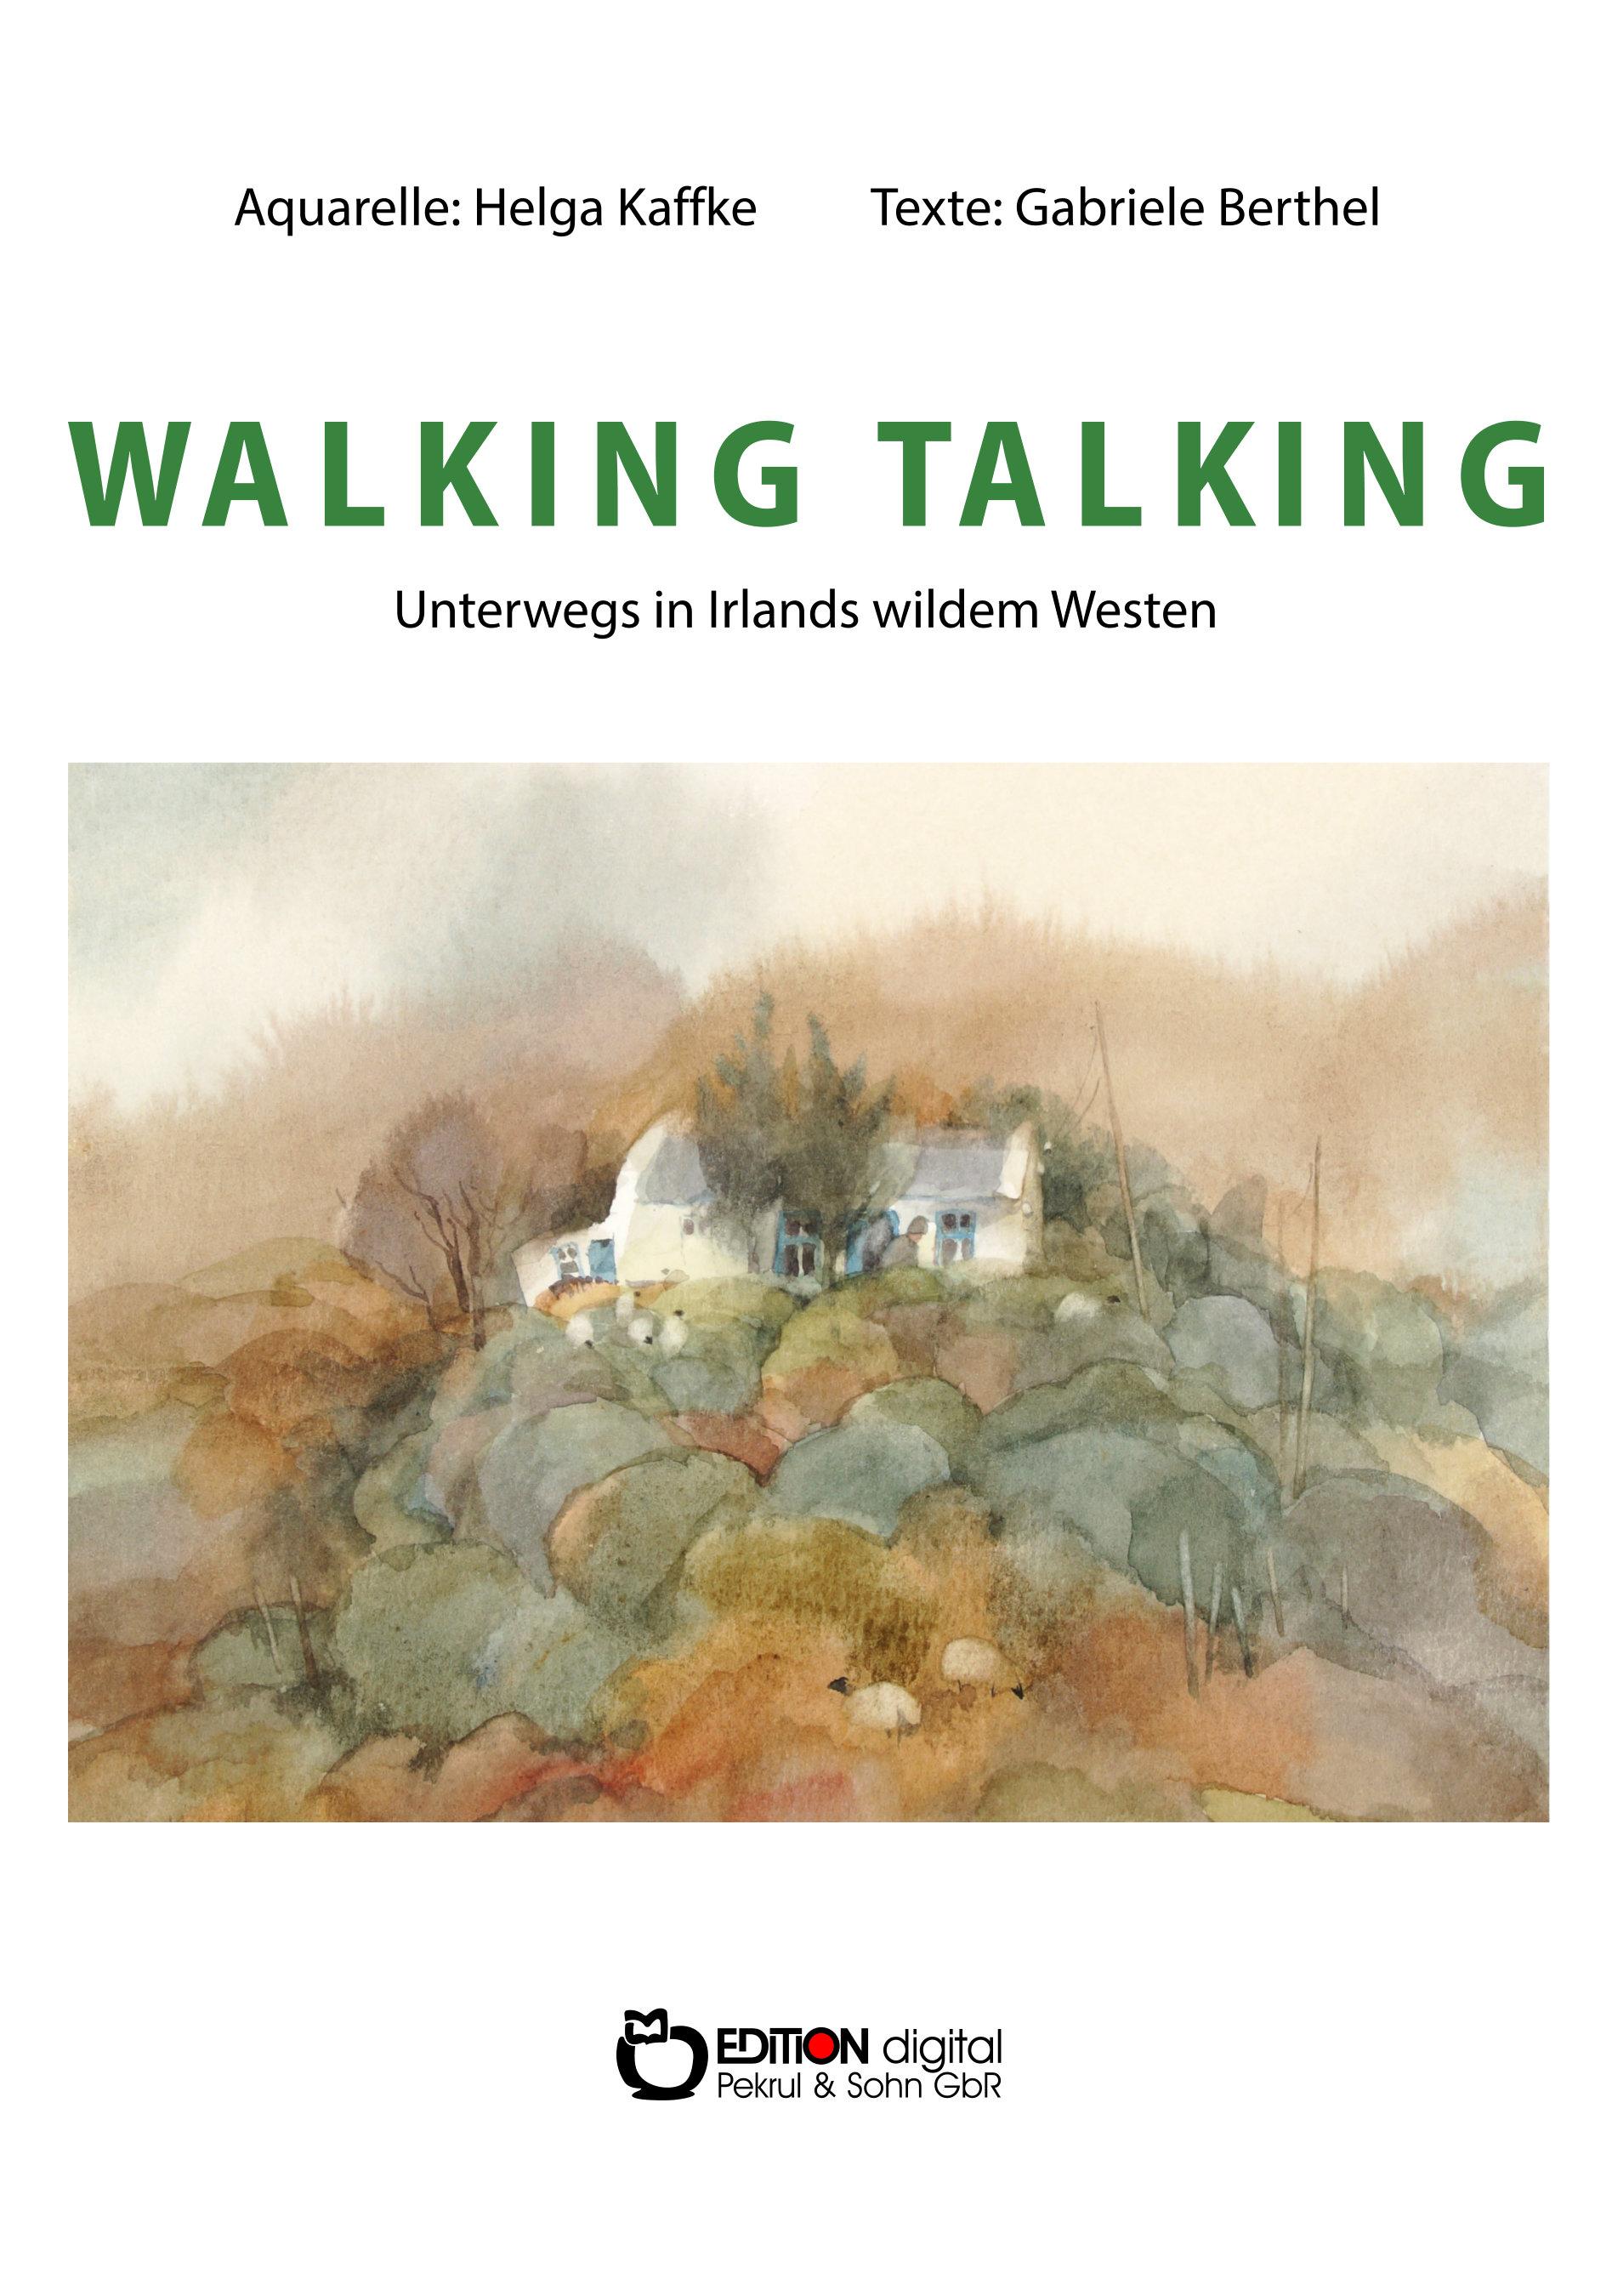 WALKING TALKING. Unterwegs in Irlands wildem Westen von Gabriele Berthel, Helga Kaffke (Illustrator)